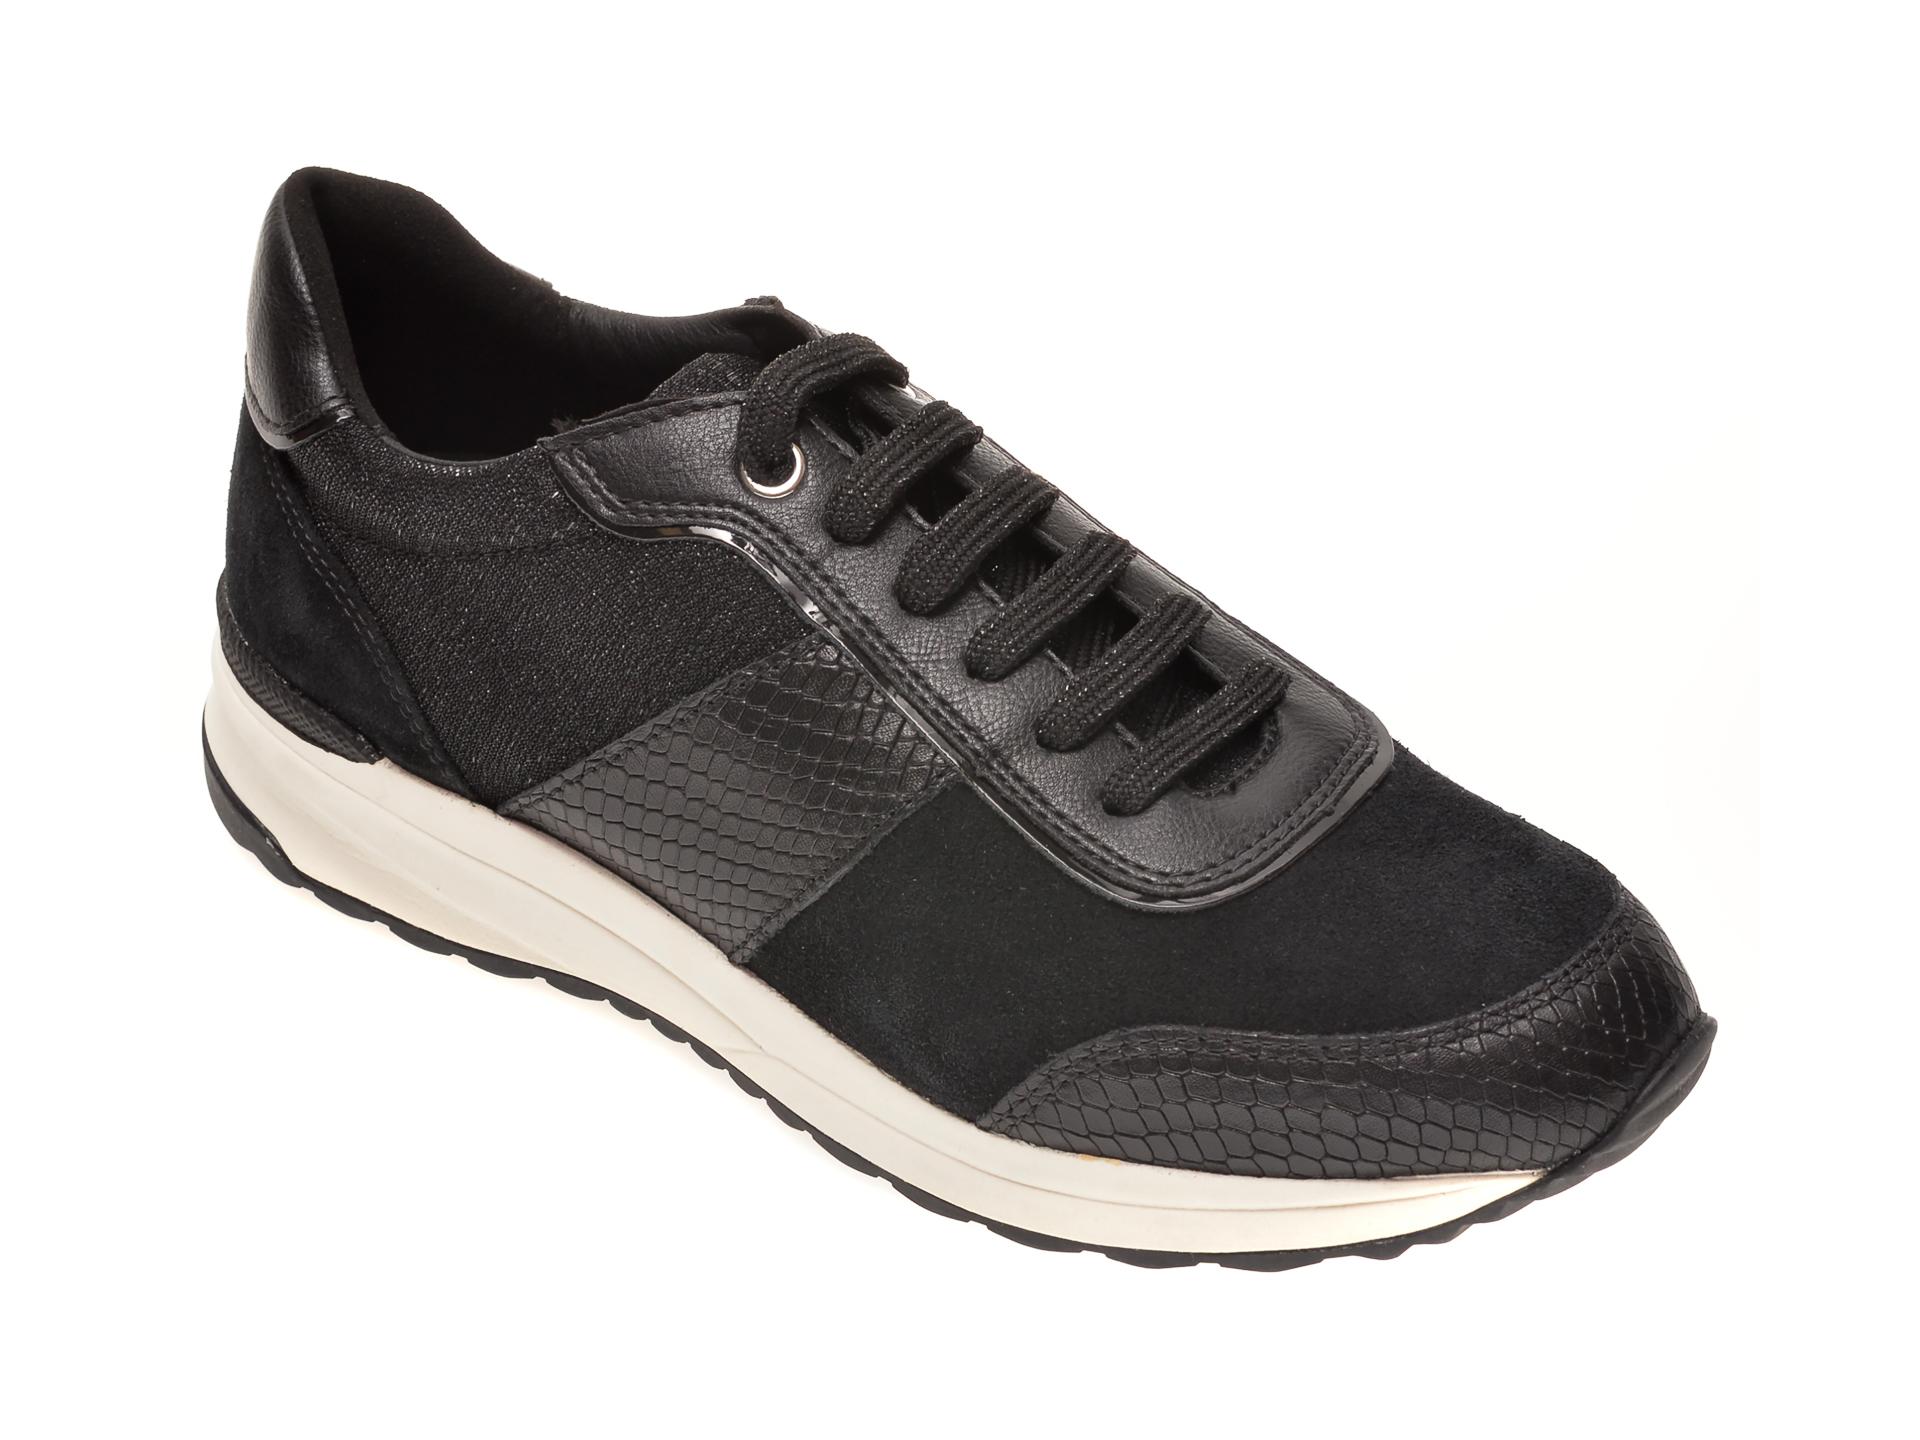 Pantofi sport GEOX negri, D942SA, din material textil si piele intoarsa New